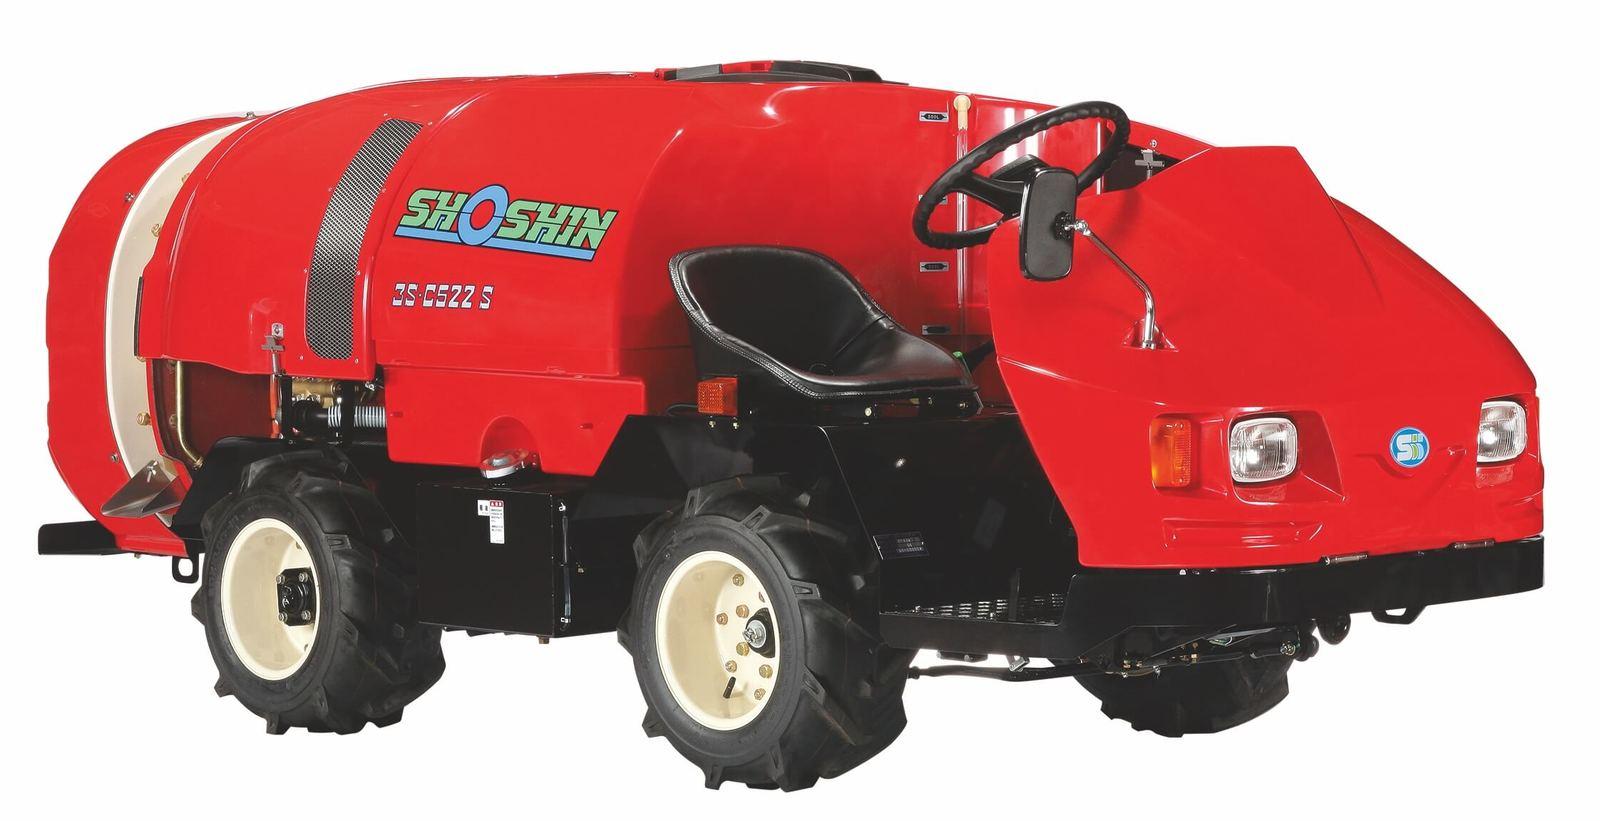 4WDスピードスプレヤー 3S-C522S SHOSHIN SS